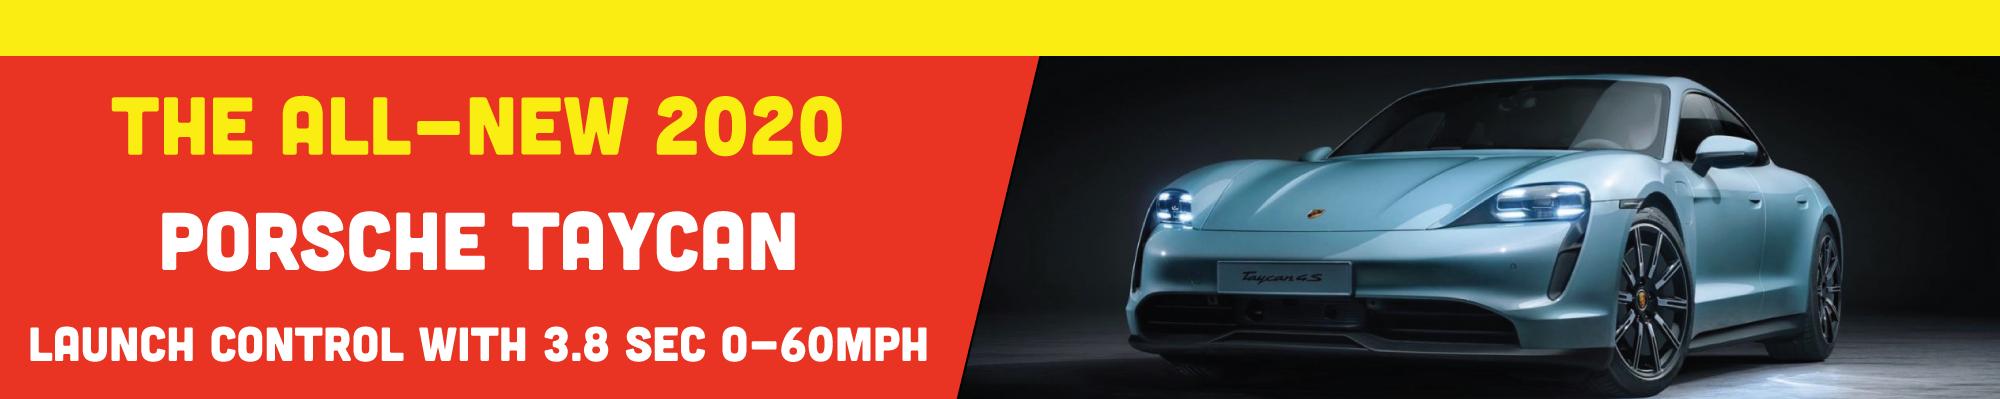 2020-Porsche-Taycan-Silver-Matte-Color